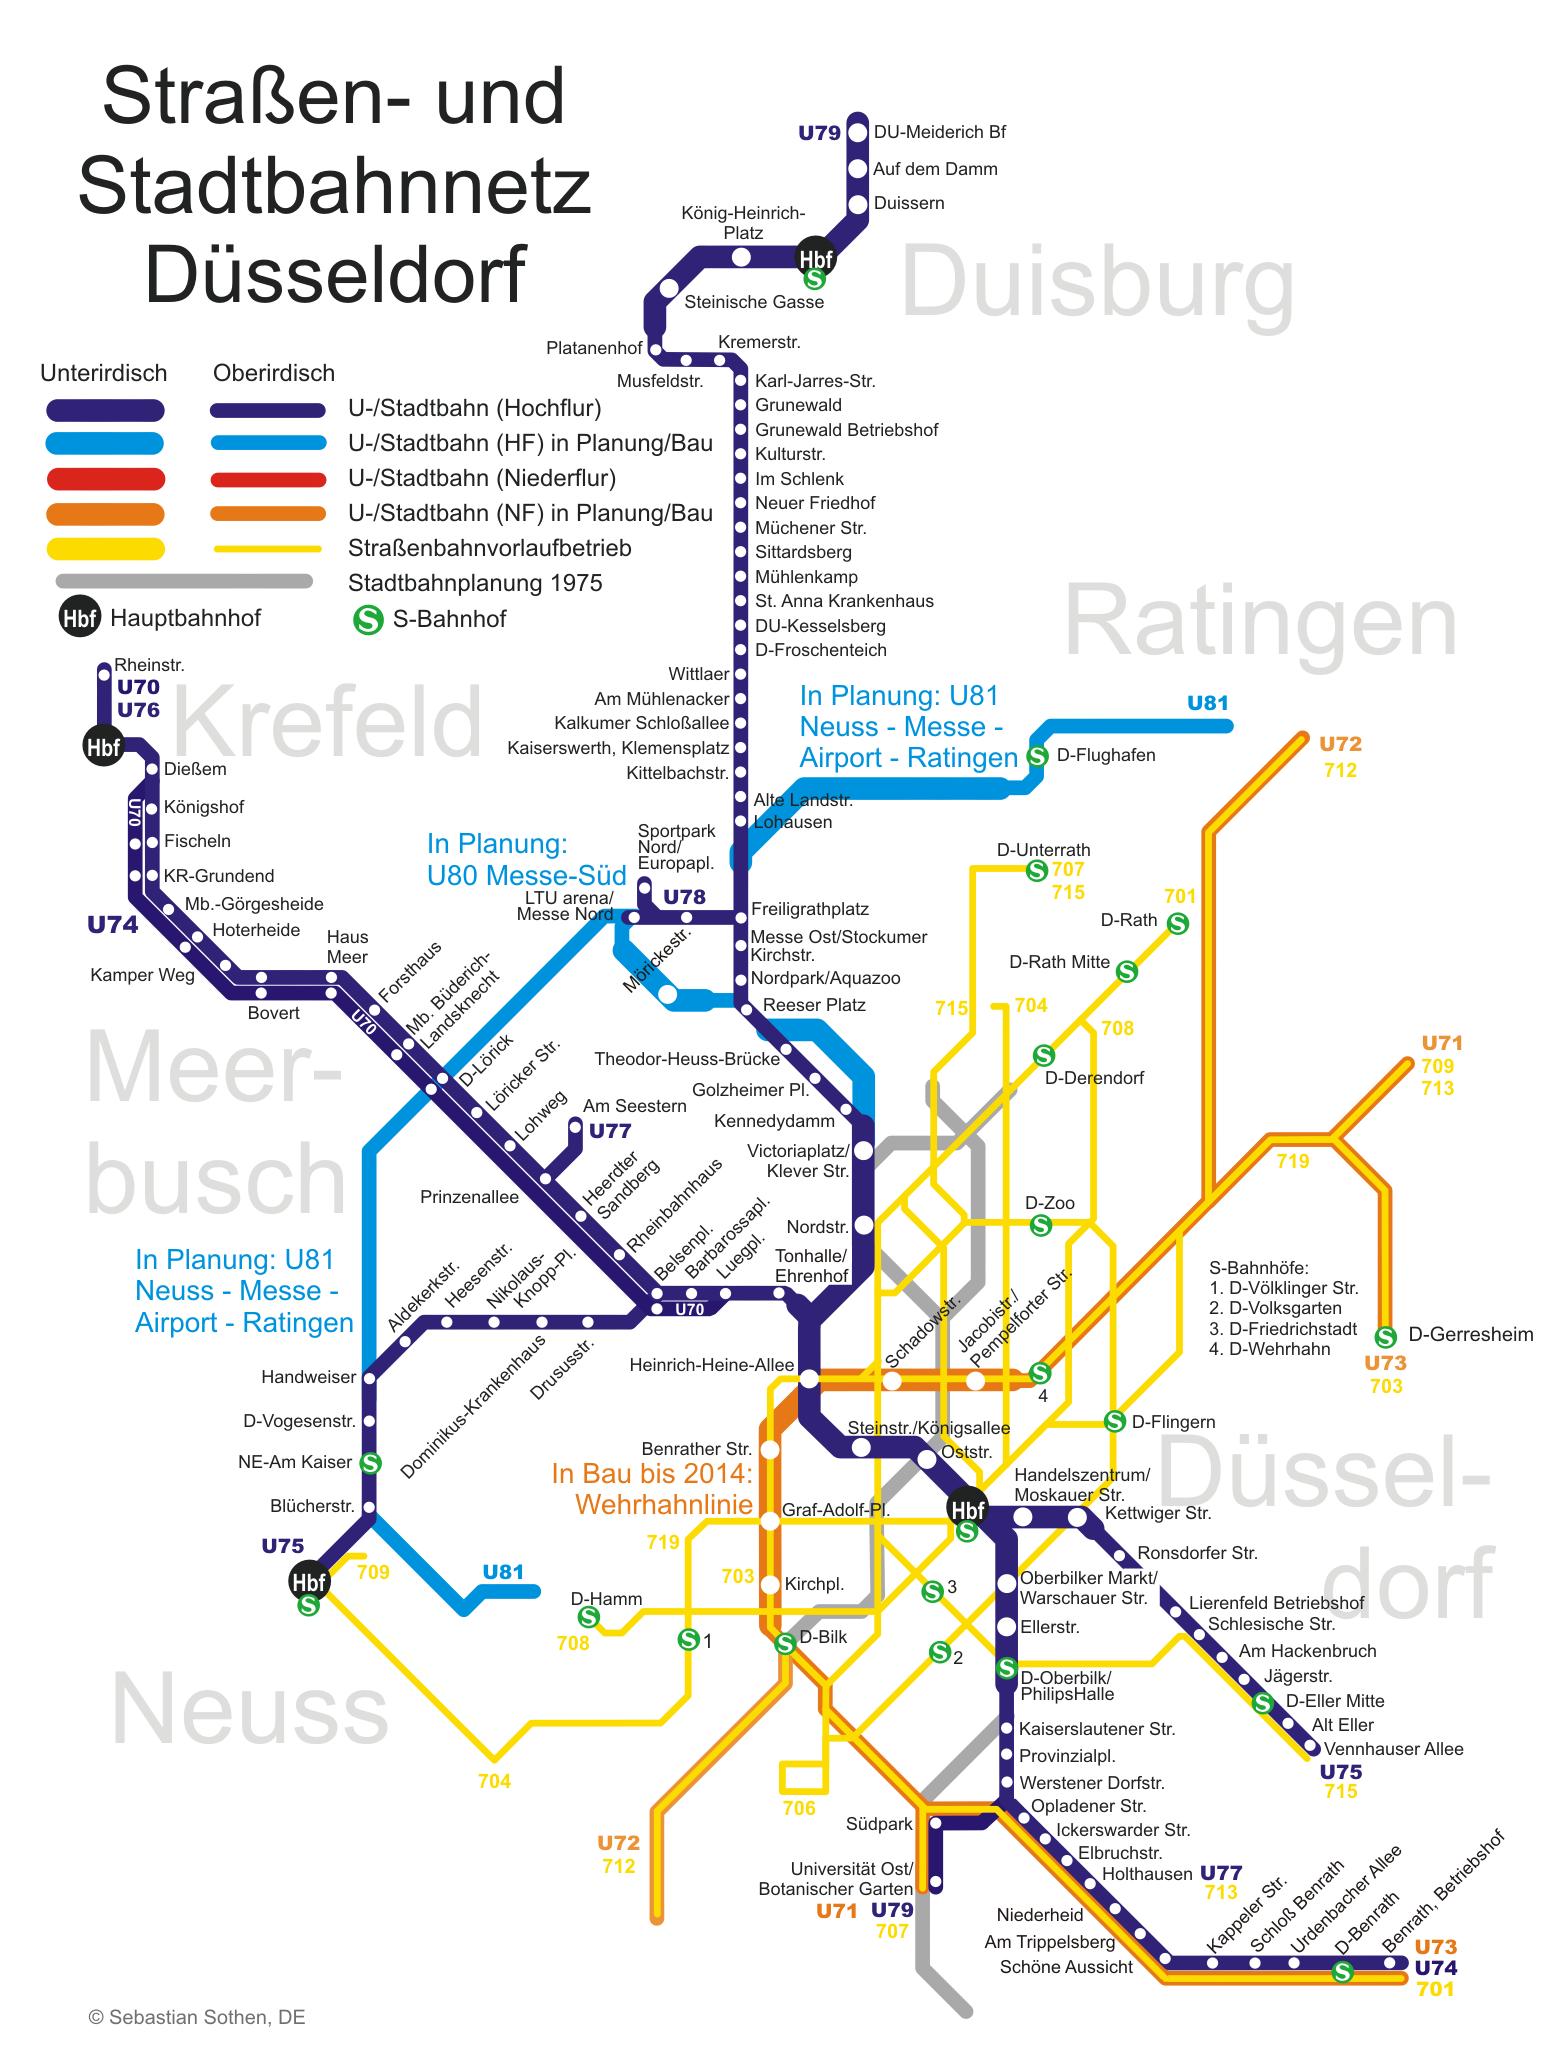 düsseldorf u bahn karte Stadtbahn: Dusseldorf metro map, Germany